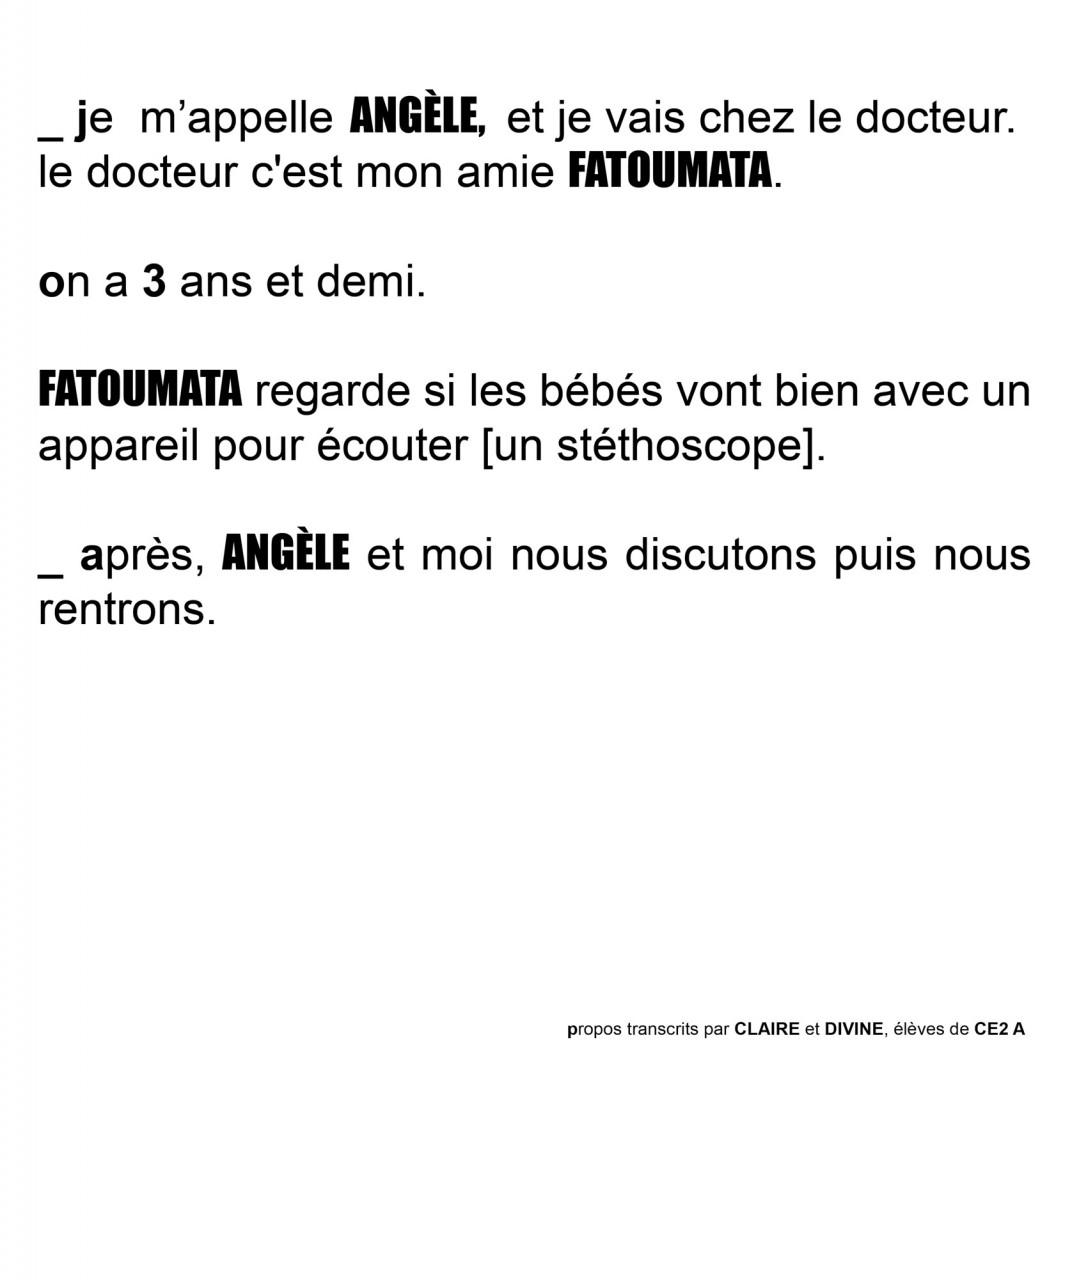 LM_004_2013_angele_fatoumata_004